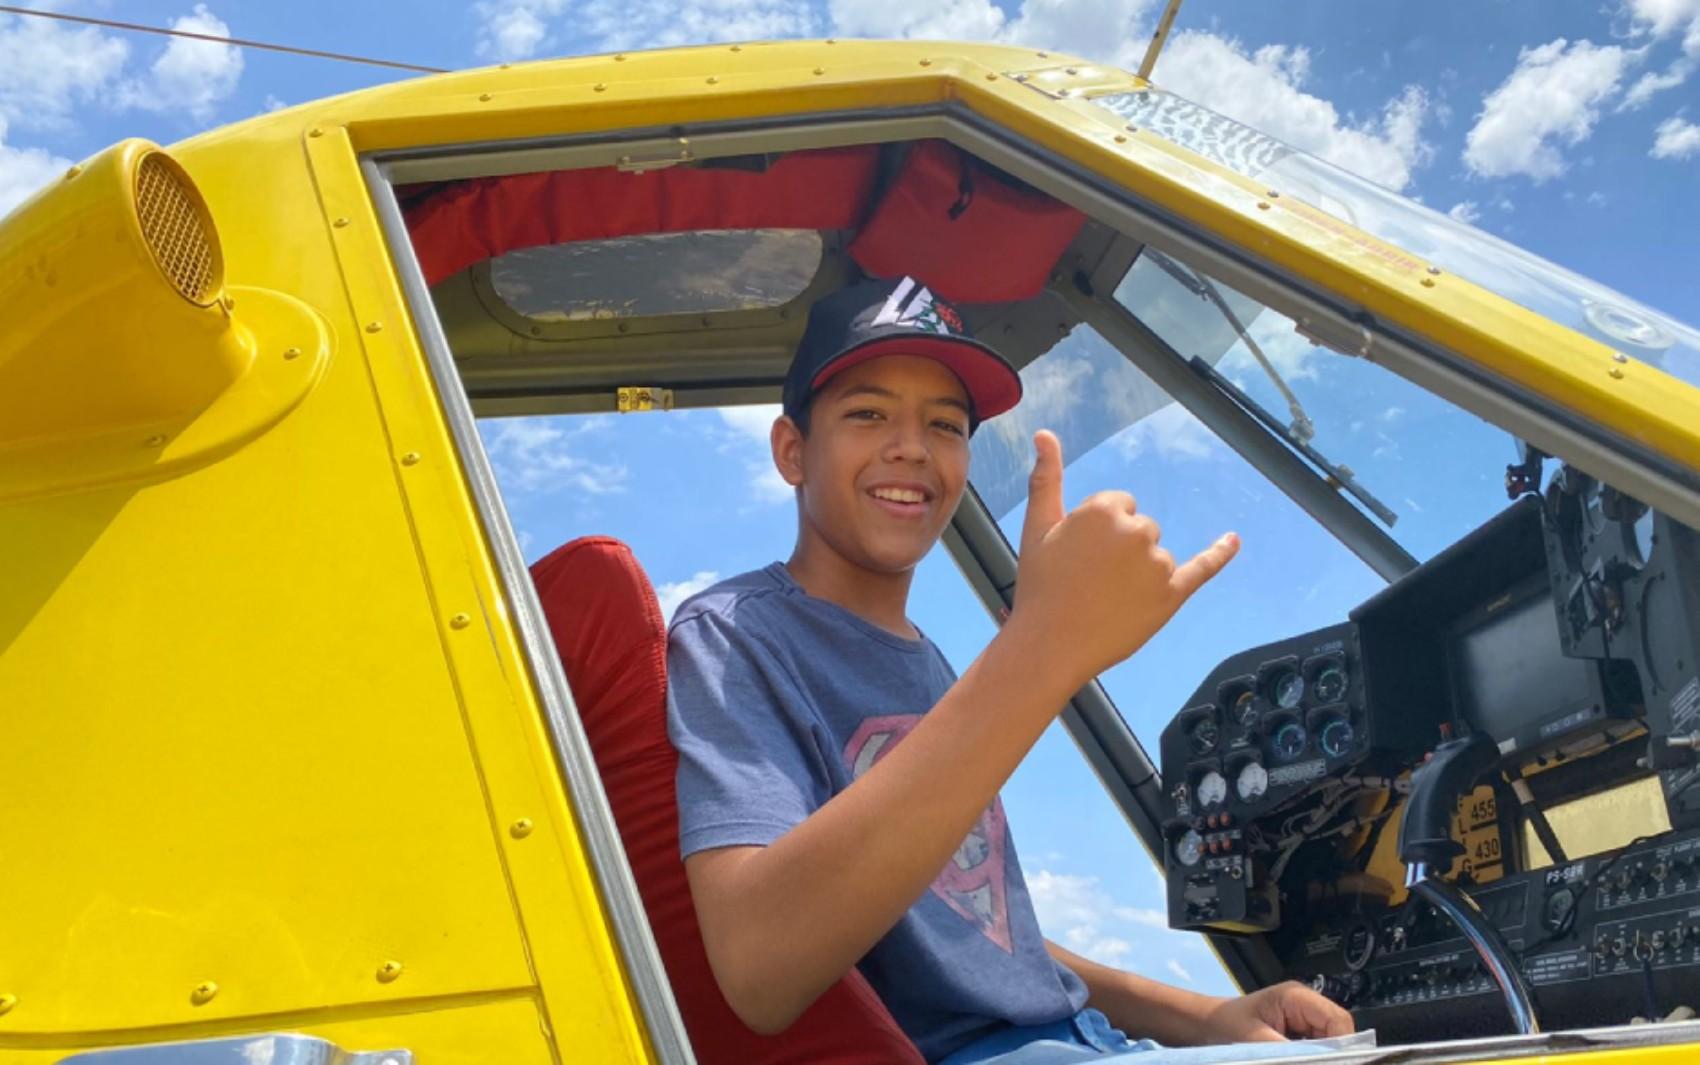 Adolescente conhece pilotos e aeronaves após escrever carta aos bombeiros para agradecer por combate a incêndios na BA